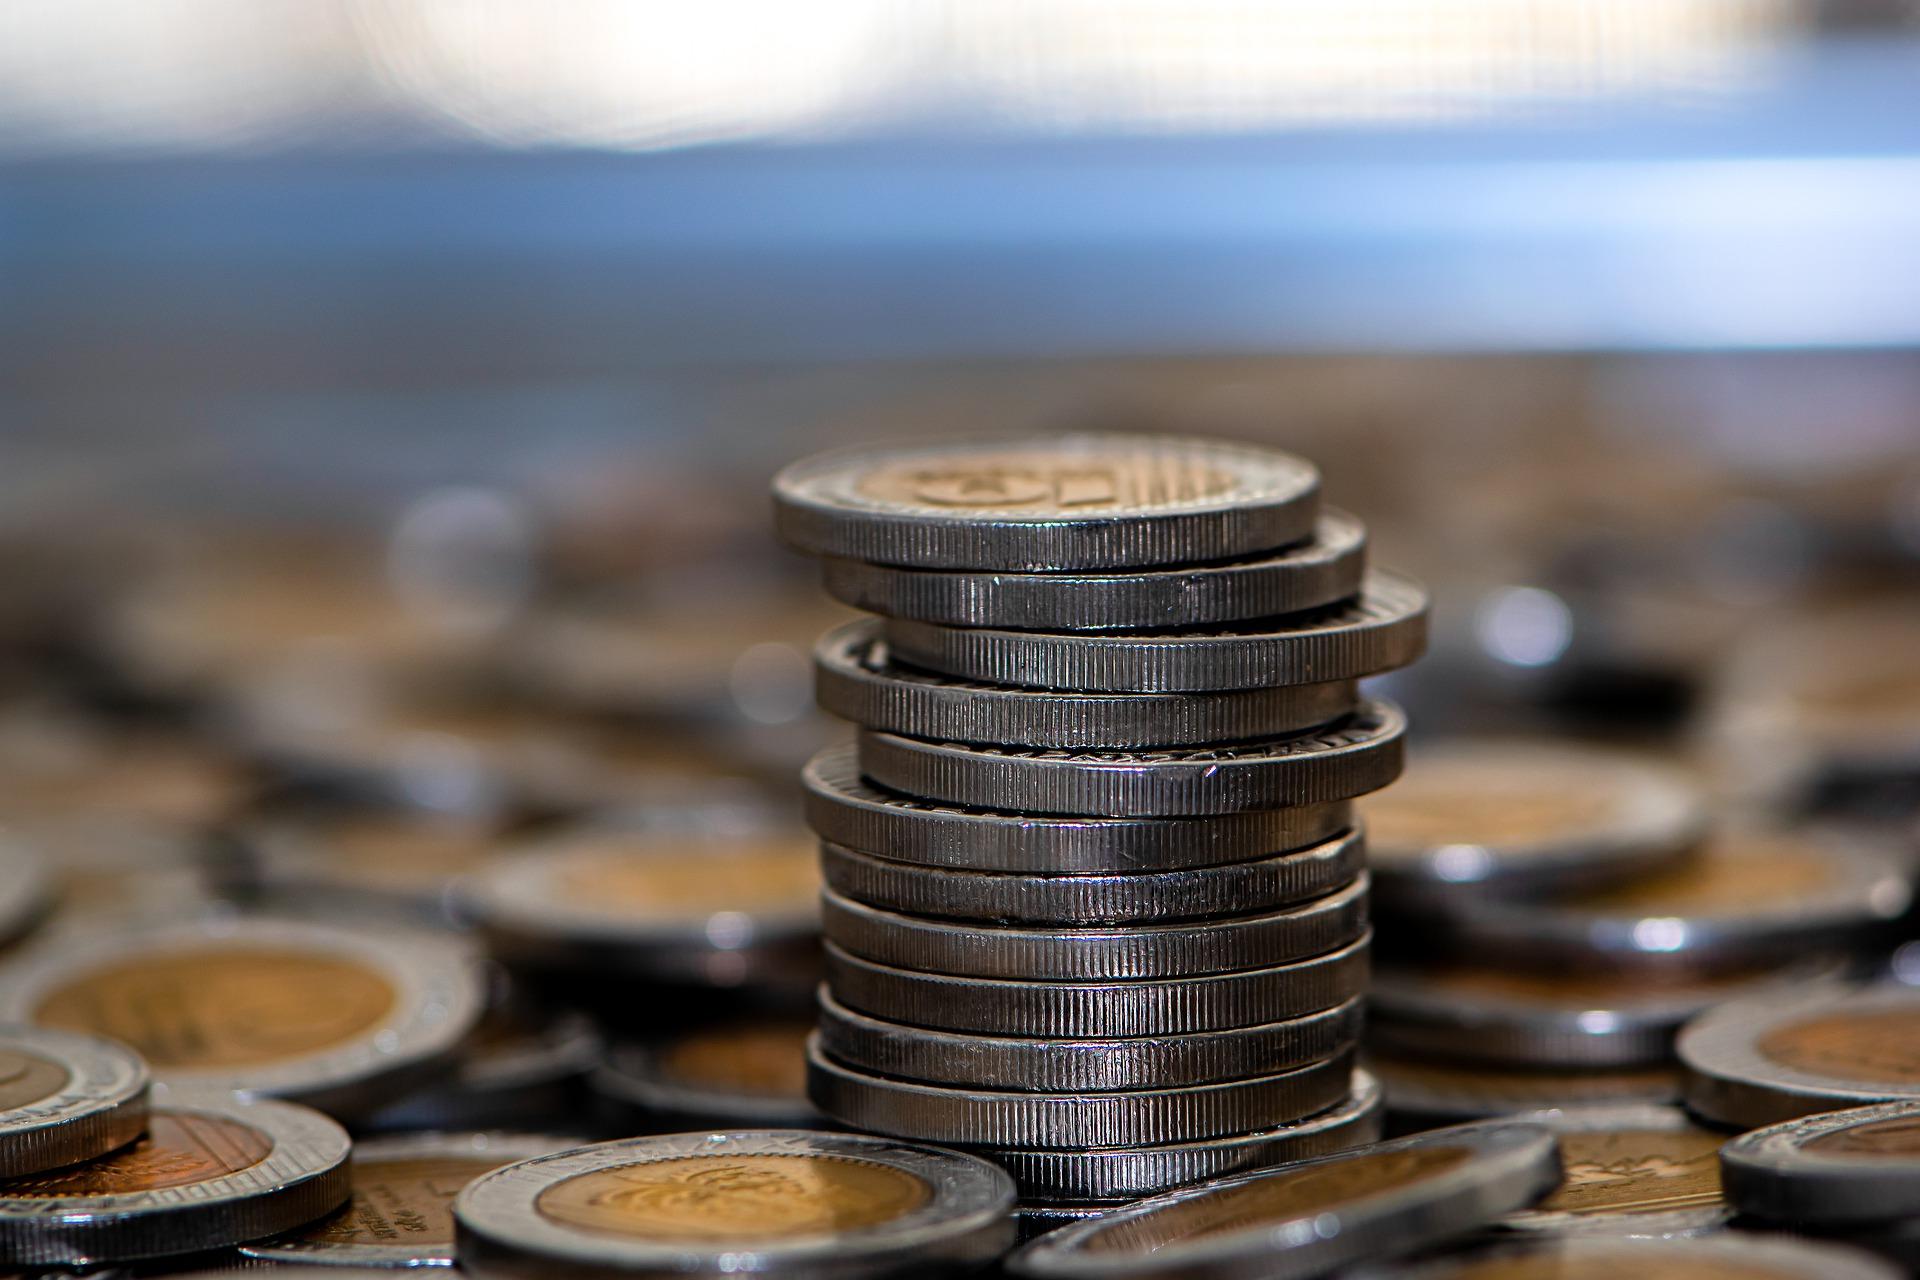 Суд зобов'язав ХТЗ повернути державі понад 400 млн гривень